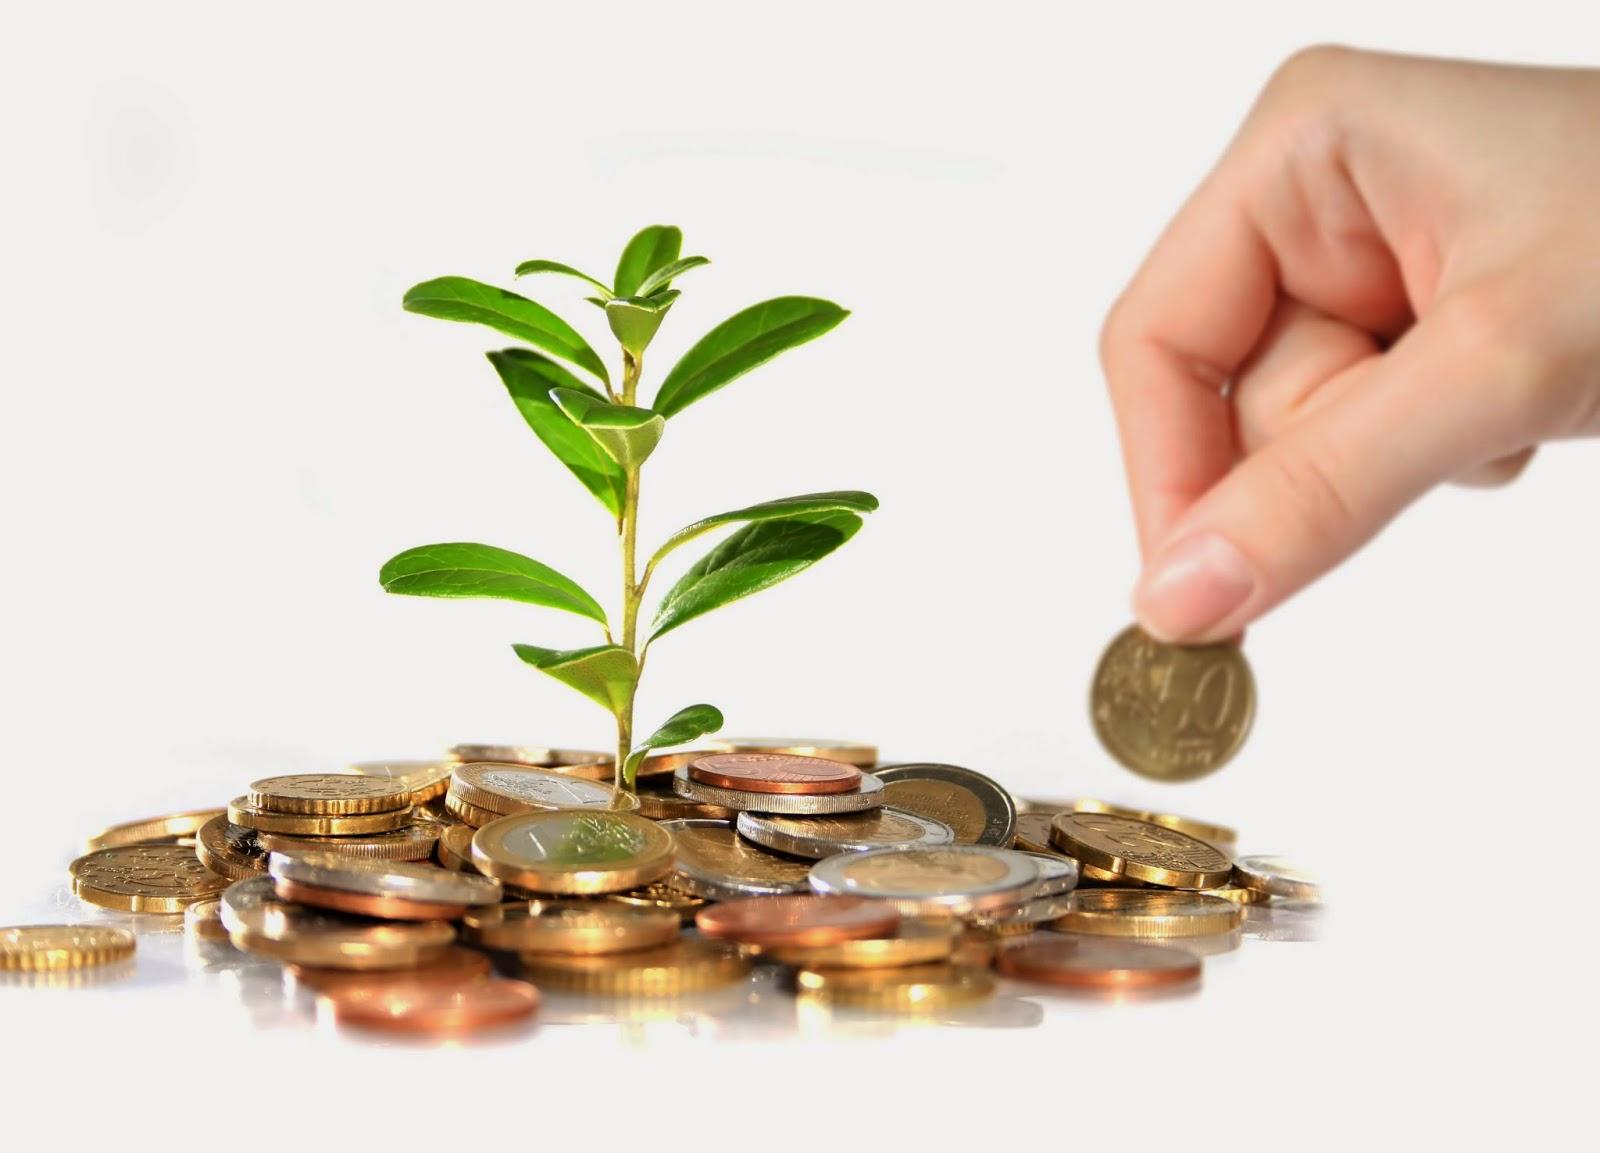 Các trường hợp nhà đầu tư thực hiện thủ tục đăng ký góp vốn, mua cổ phần, phần vốn góp vào tổ chức kinh tế.